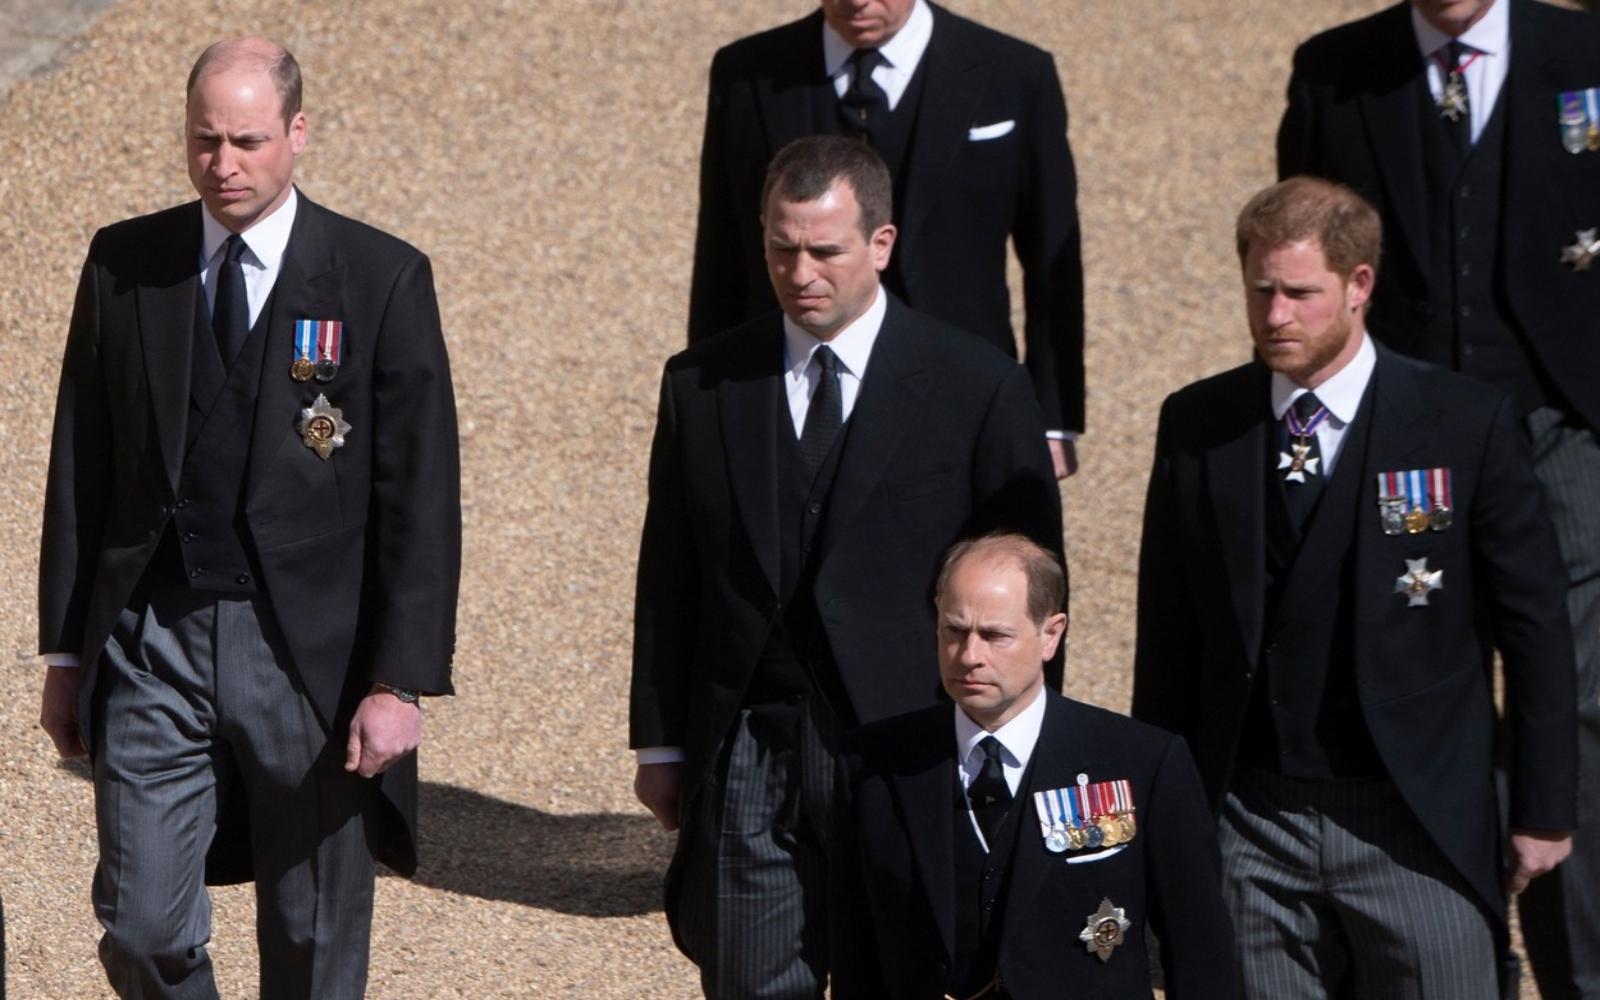 Prințul William și Prințul Harry din nou împreună